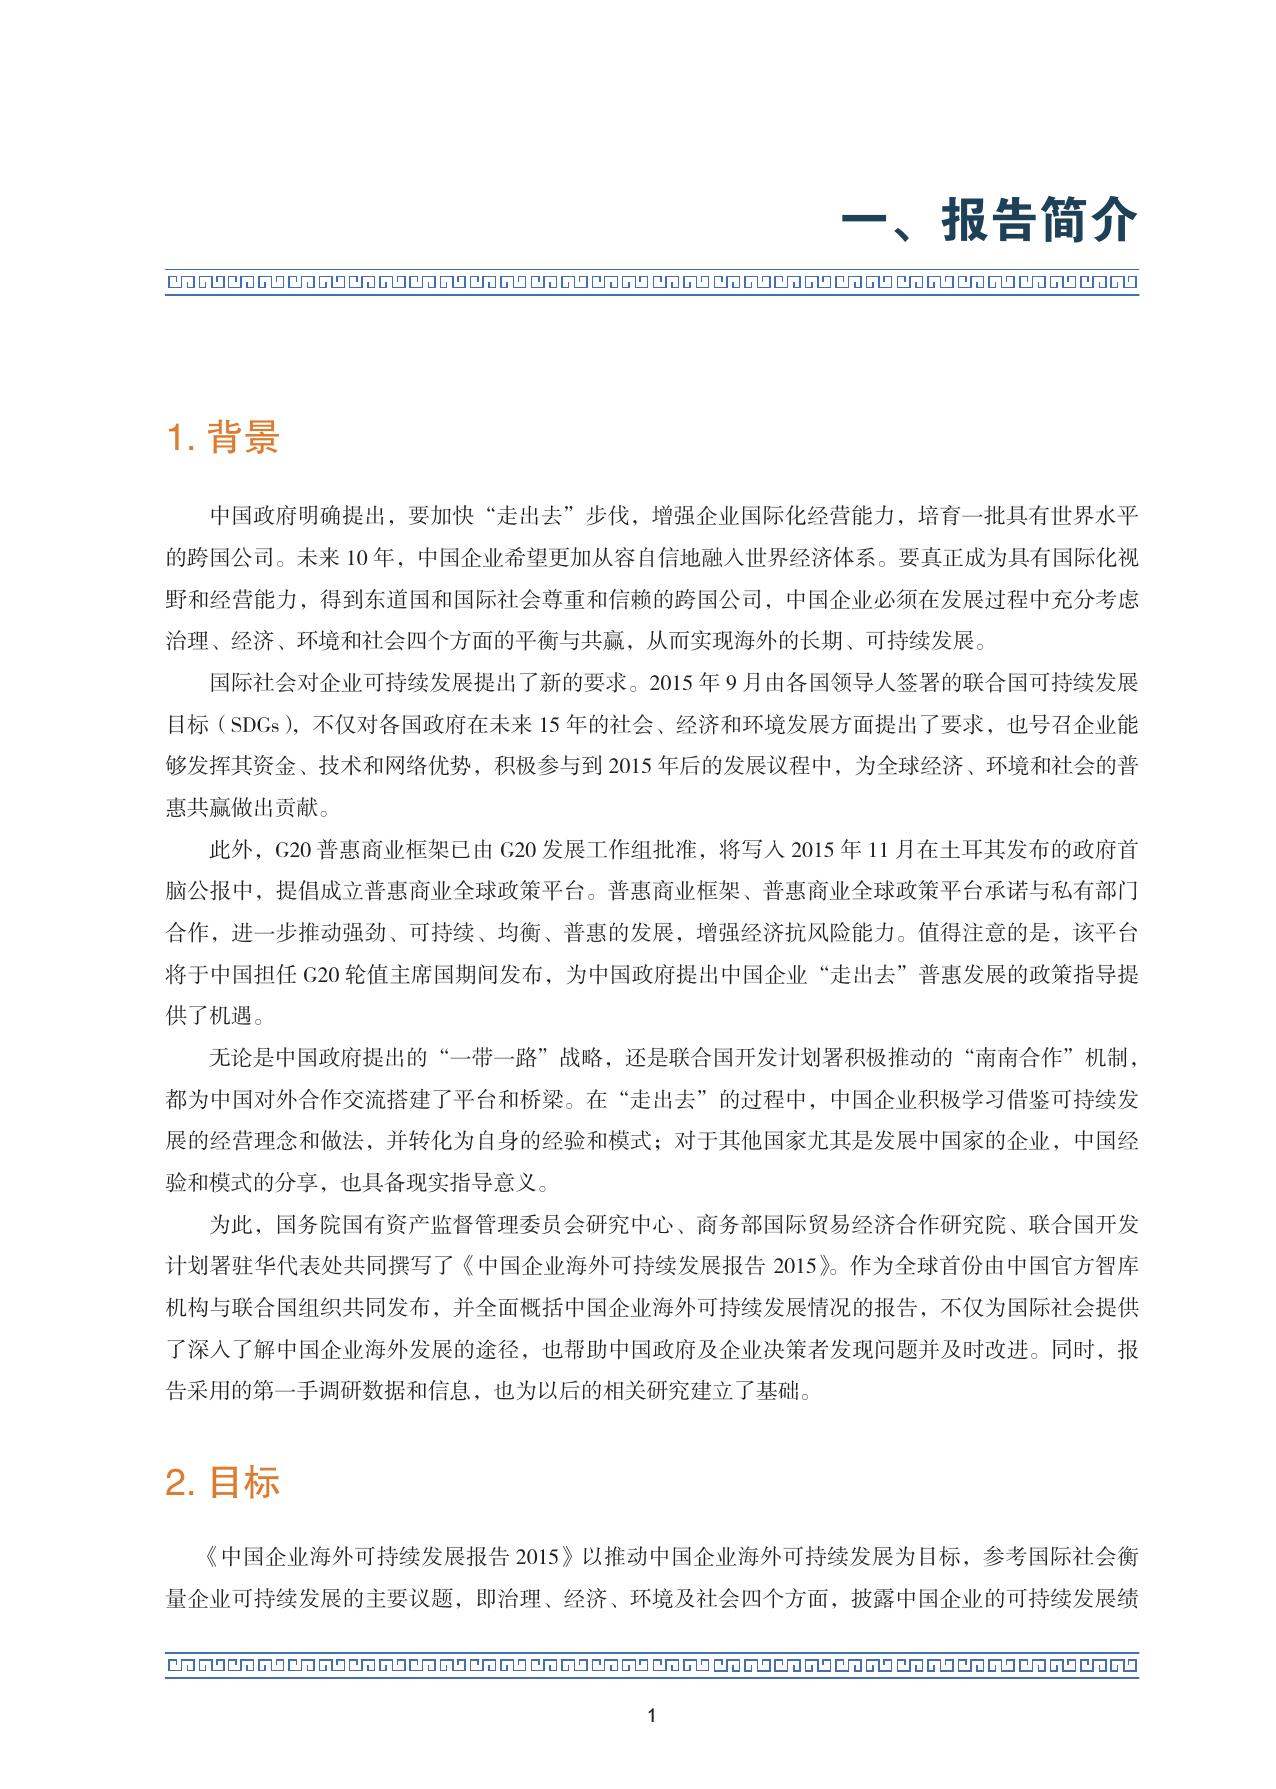 2015中国企业海外可持续发展报告_000015